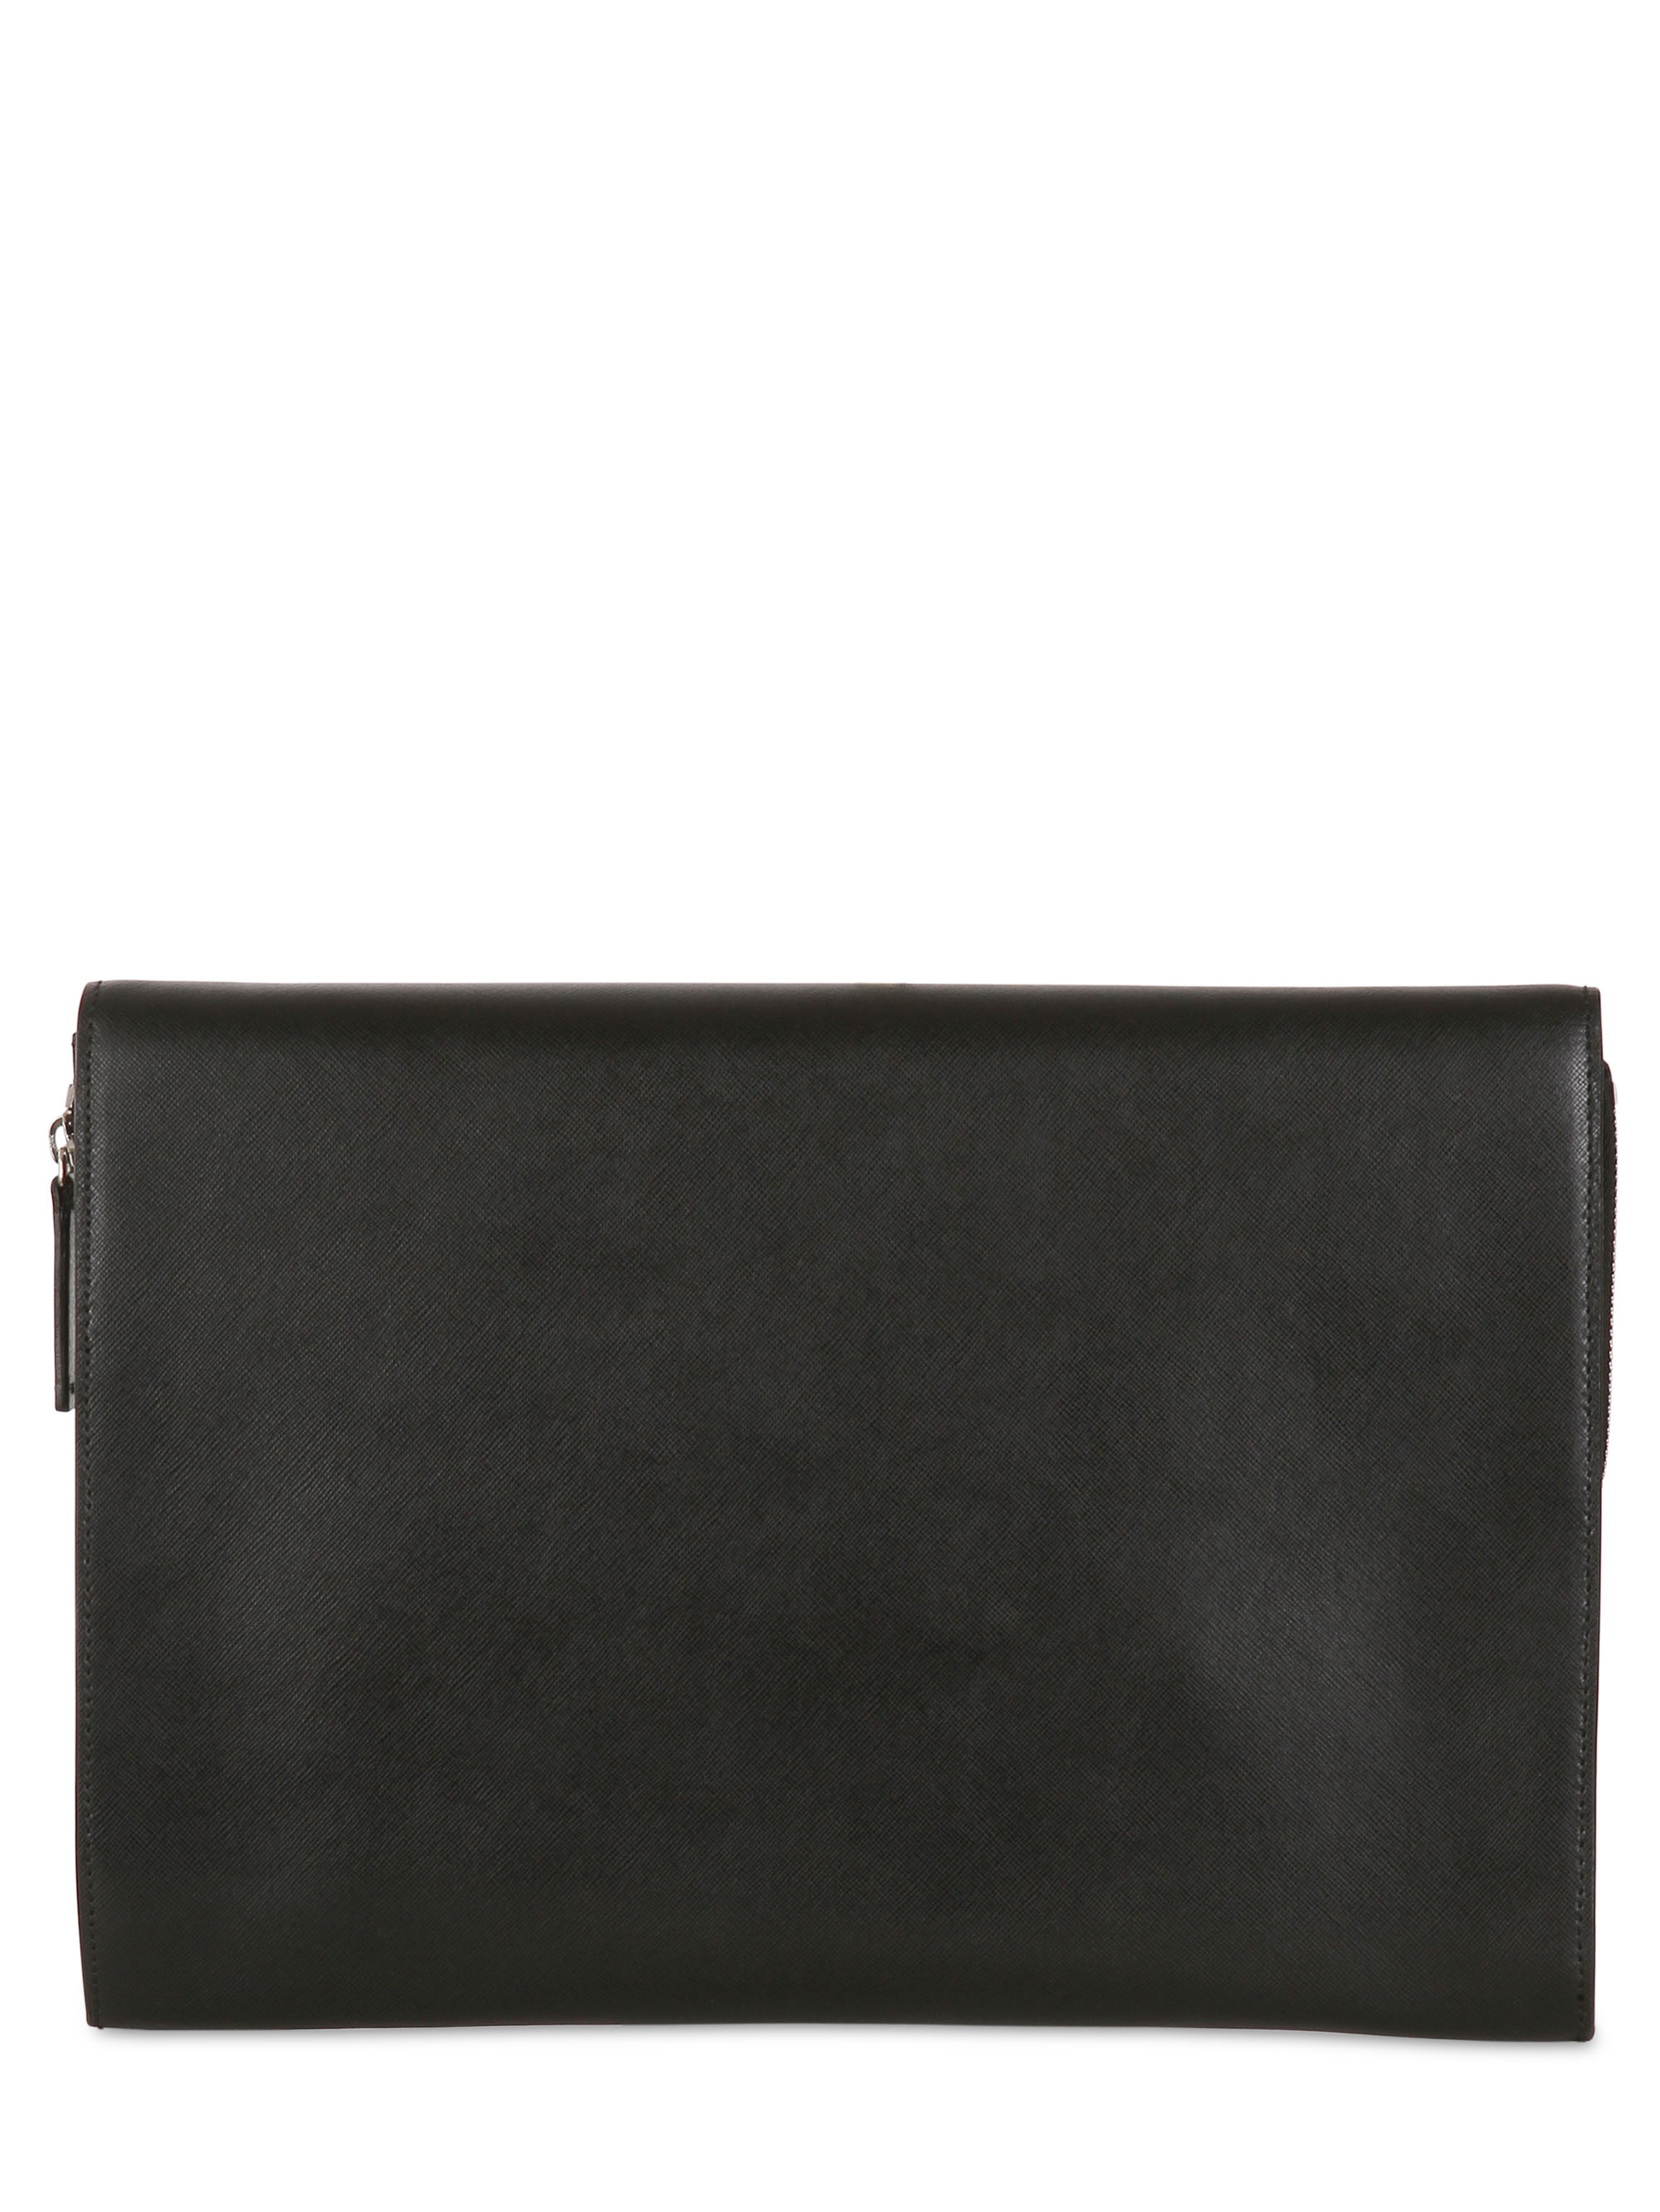 prada diaper bag on sale - Giorgio armani Saffiano Leather Document Holder in Black for Men ...